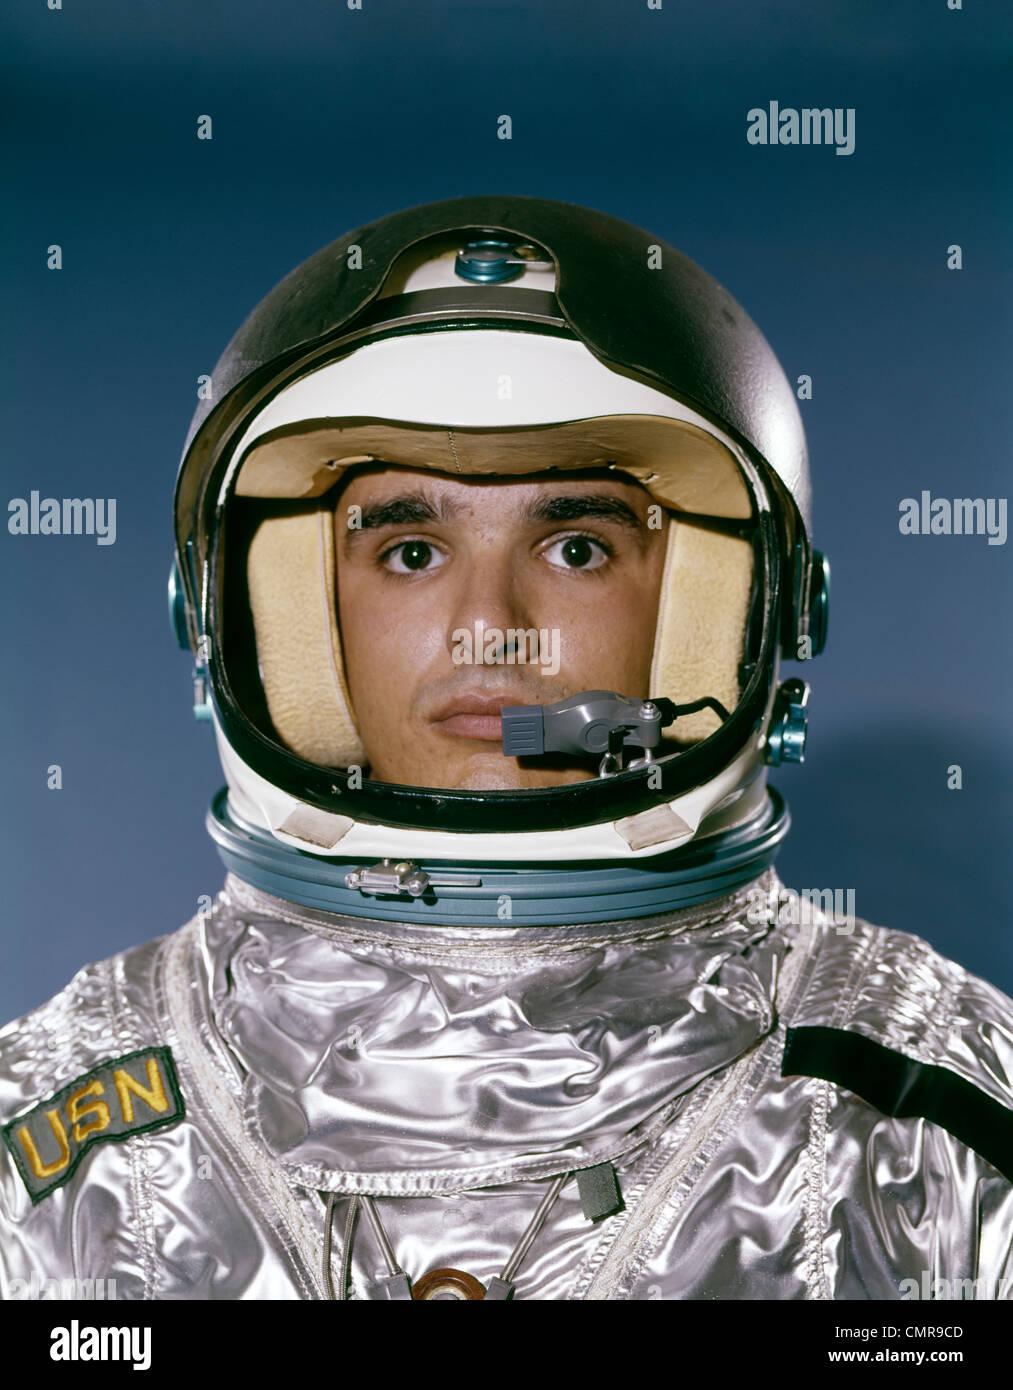 1960s PORTRAIT MAN SPACE SUIT ASTRONAUT - Stock Image